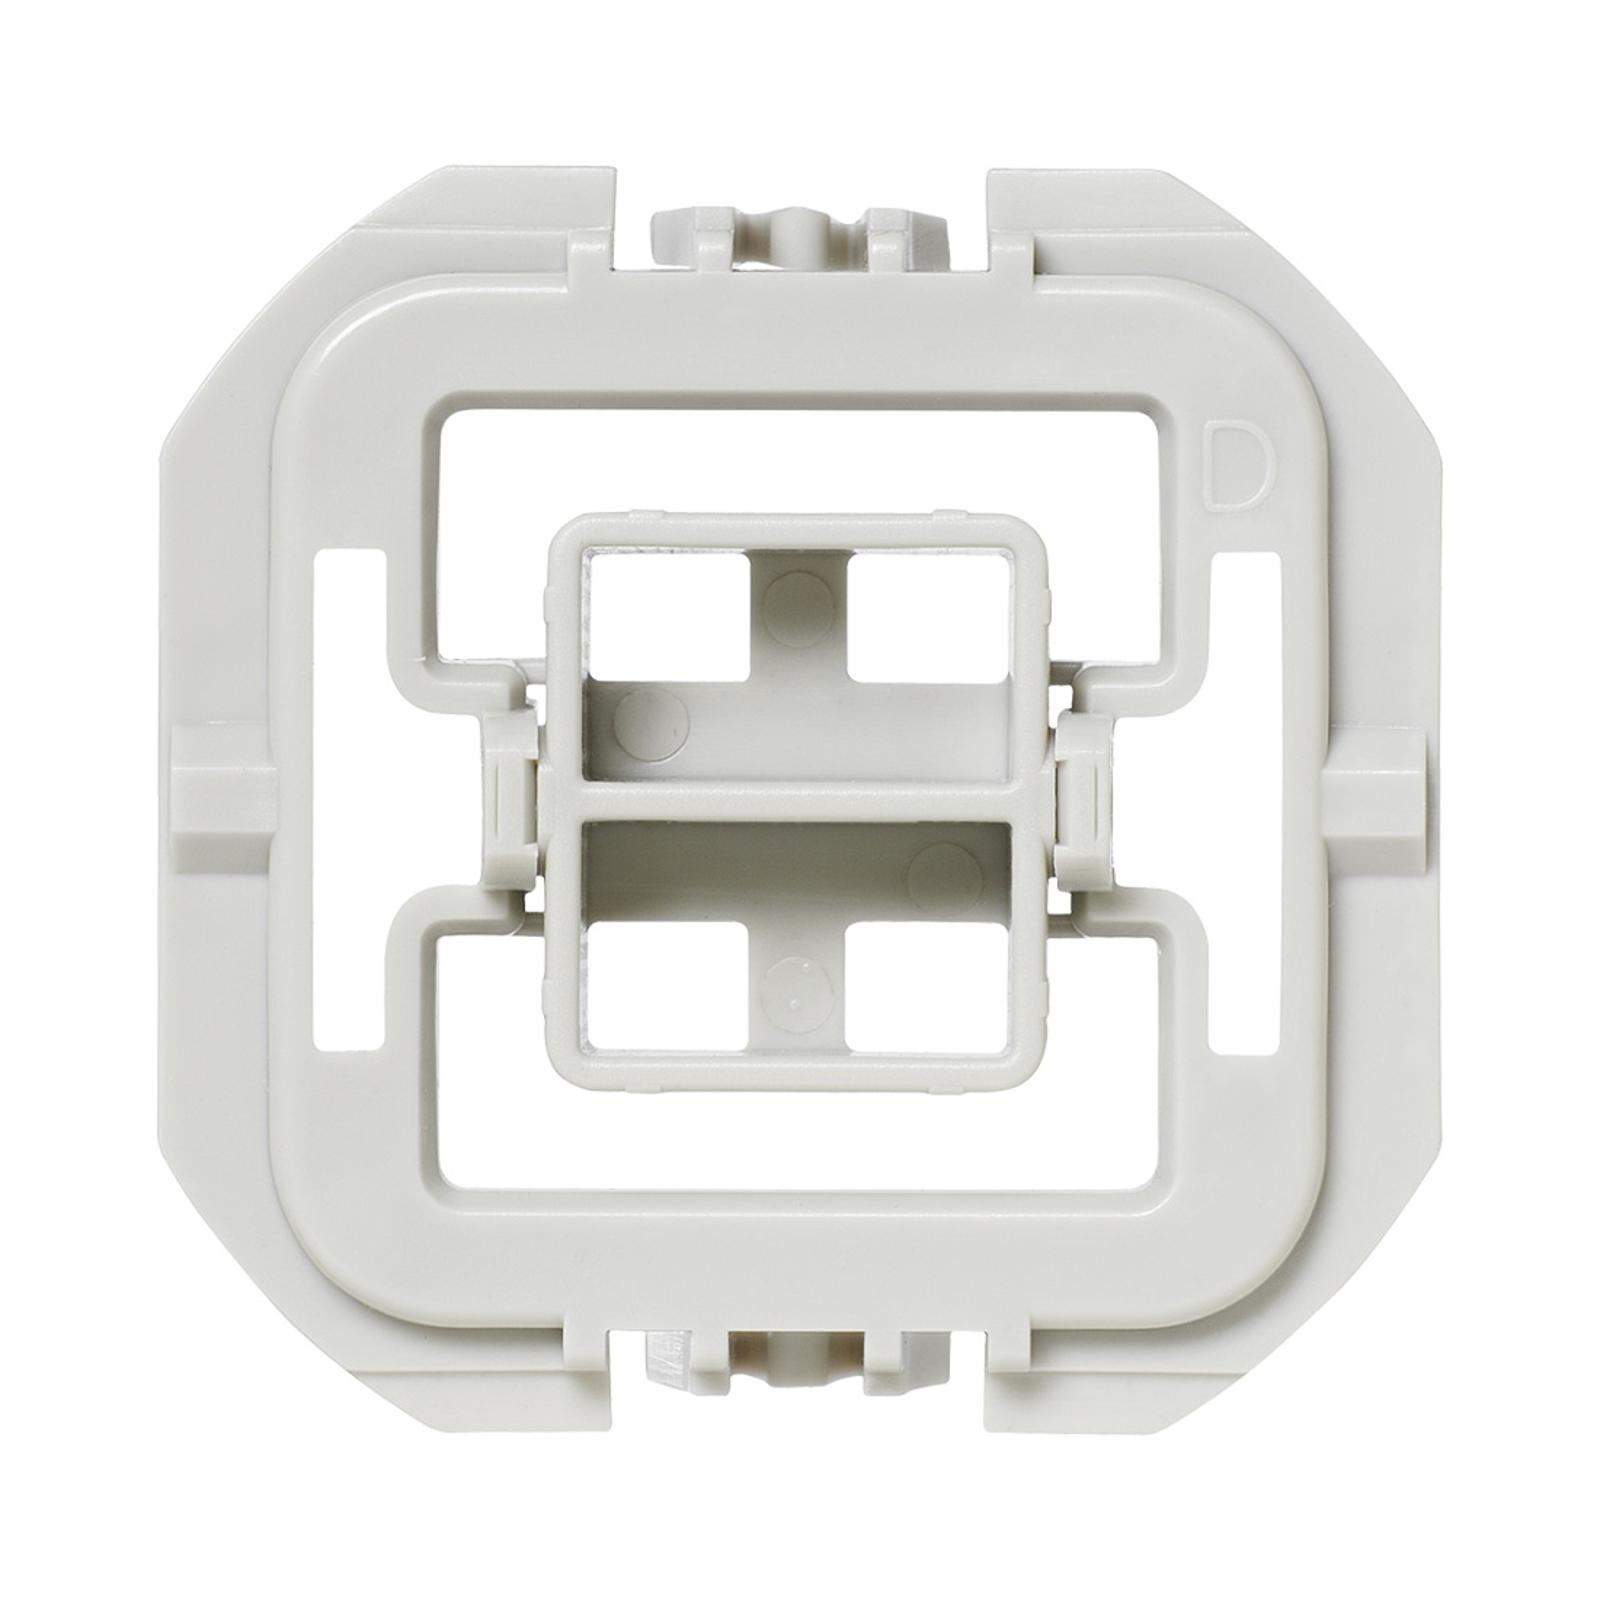 Homematic IP adaptateur pour Düwi/REV Ritter 3x